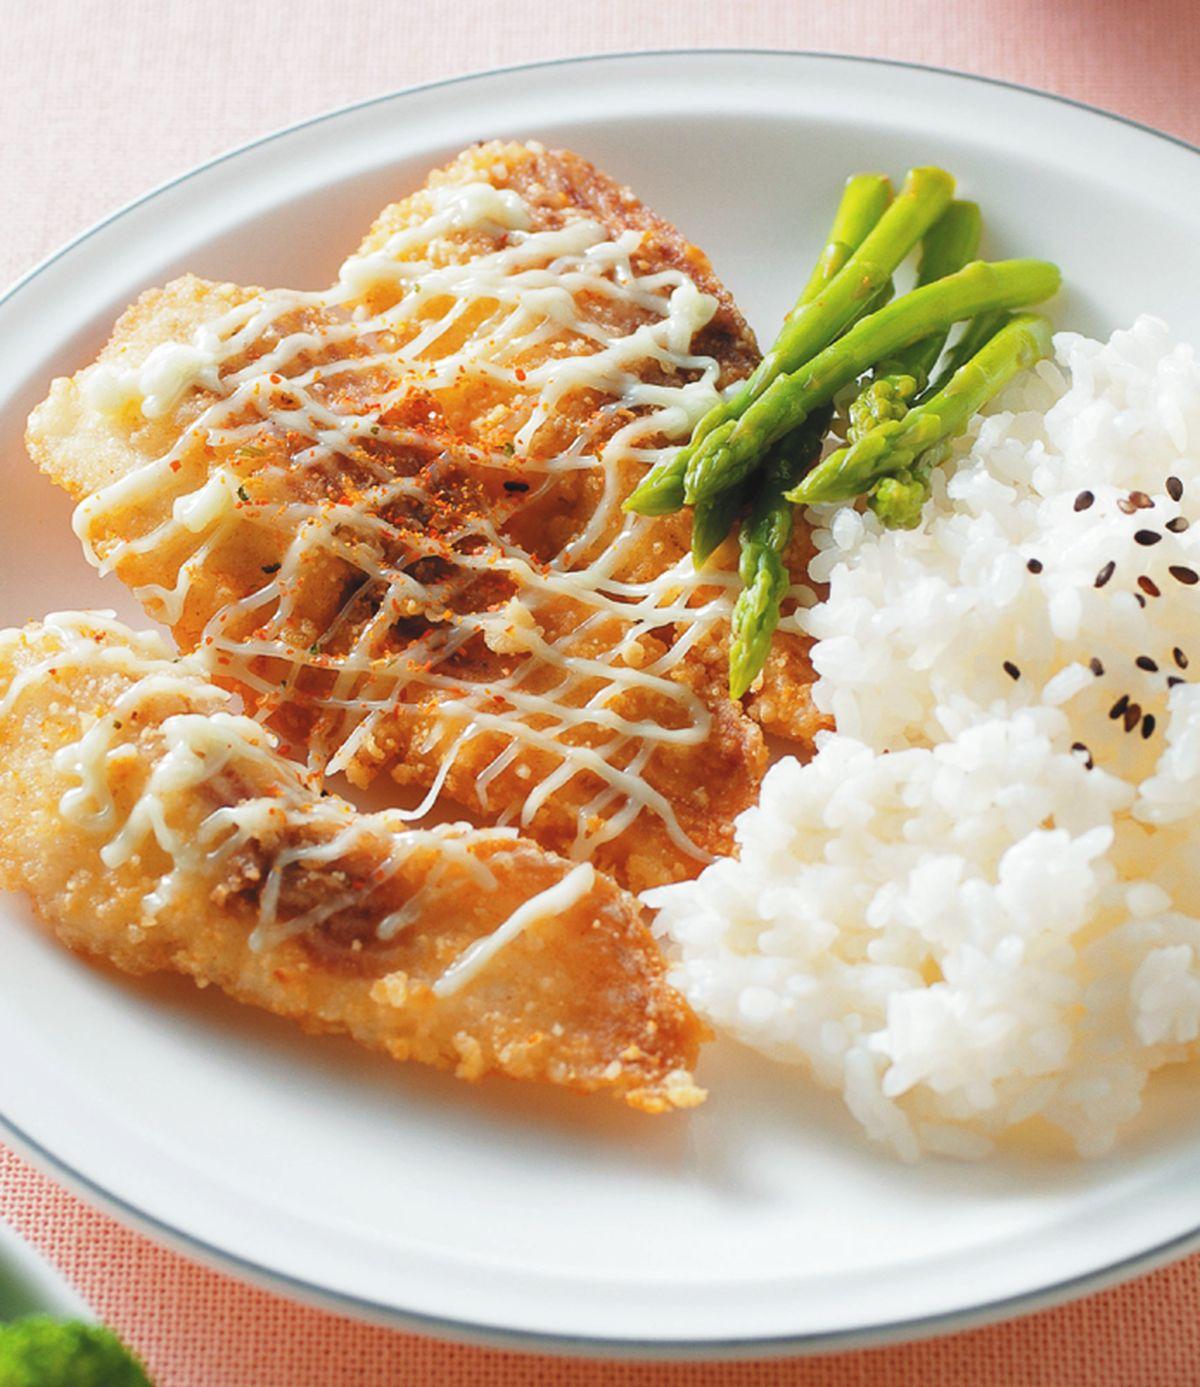 食譜:芥末炸魚片飯